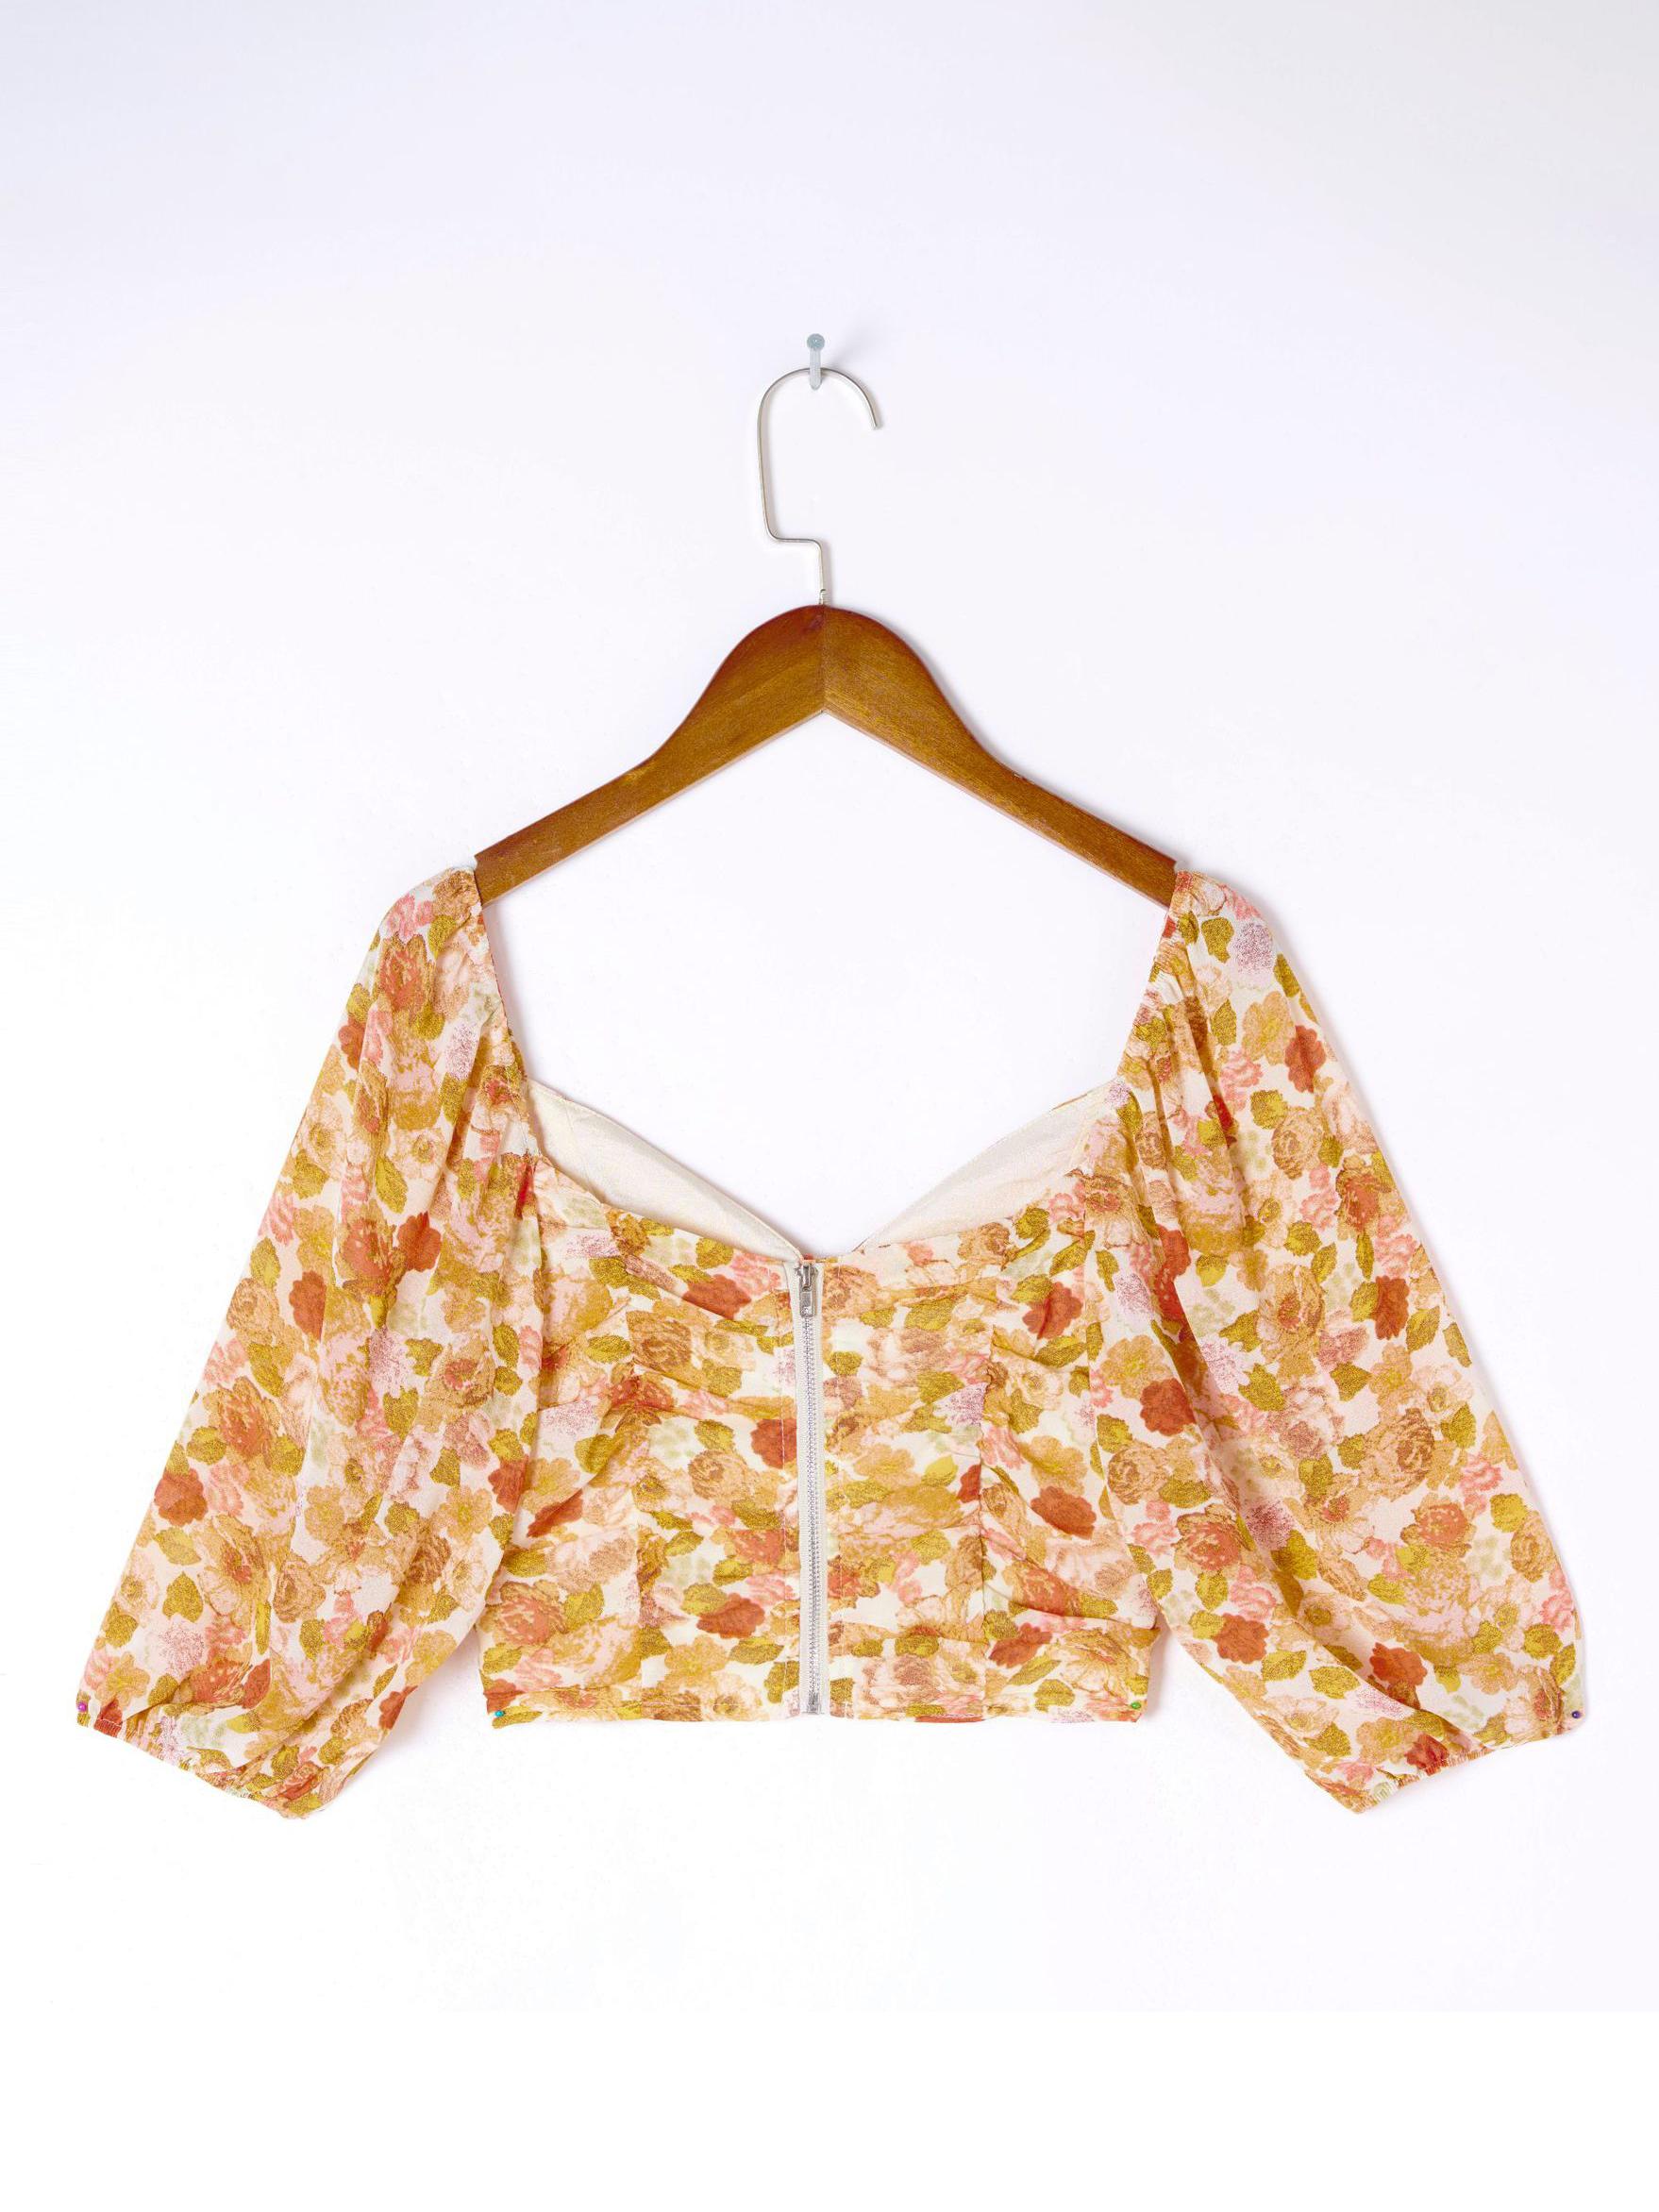 Vintage V Neck Ruched Floral Blouses For Women